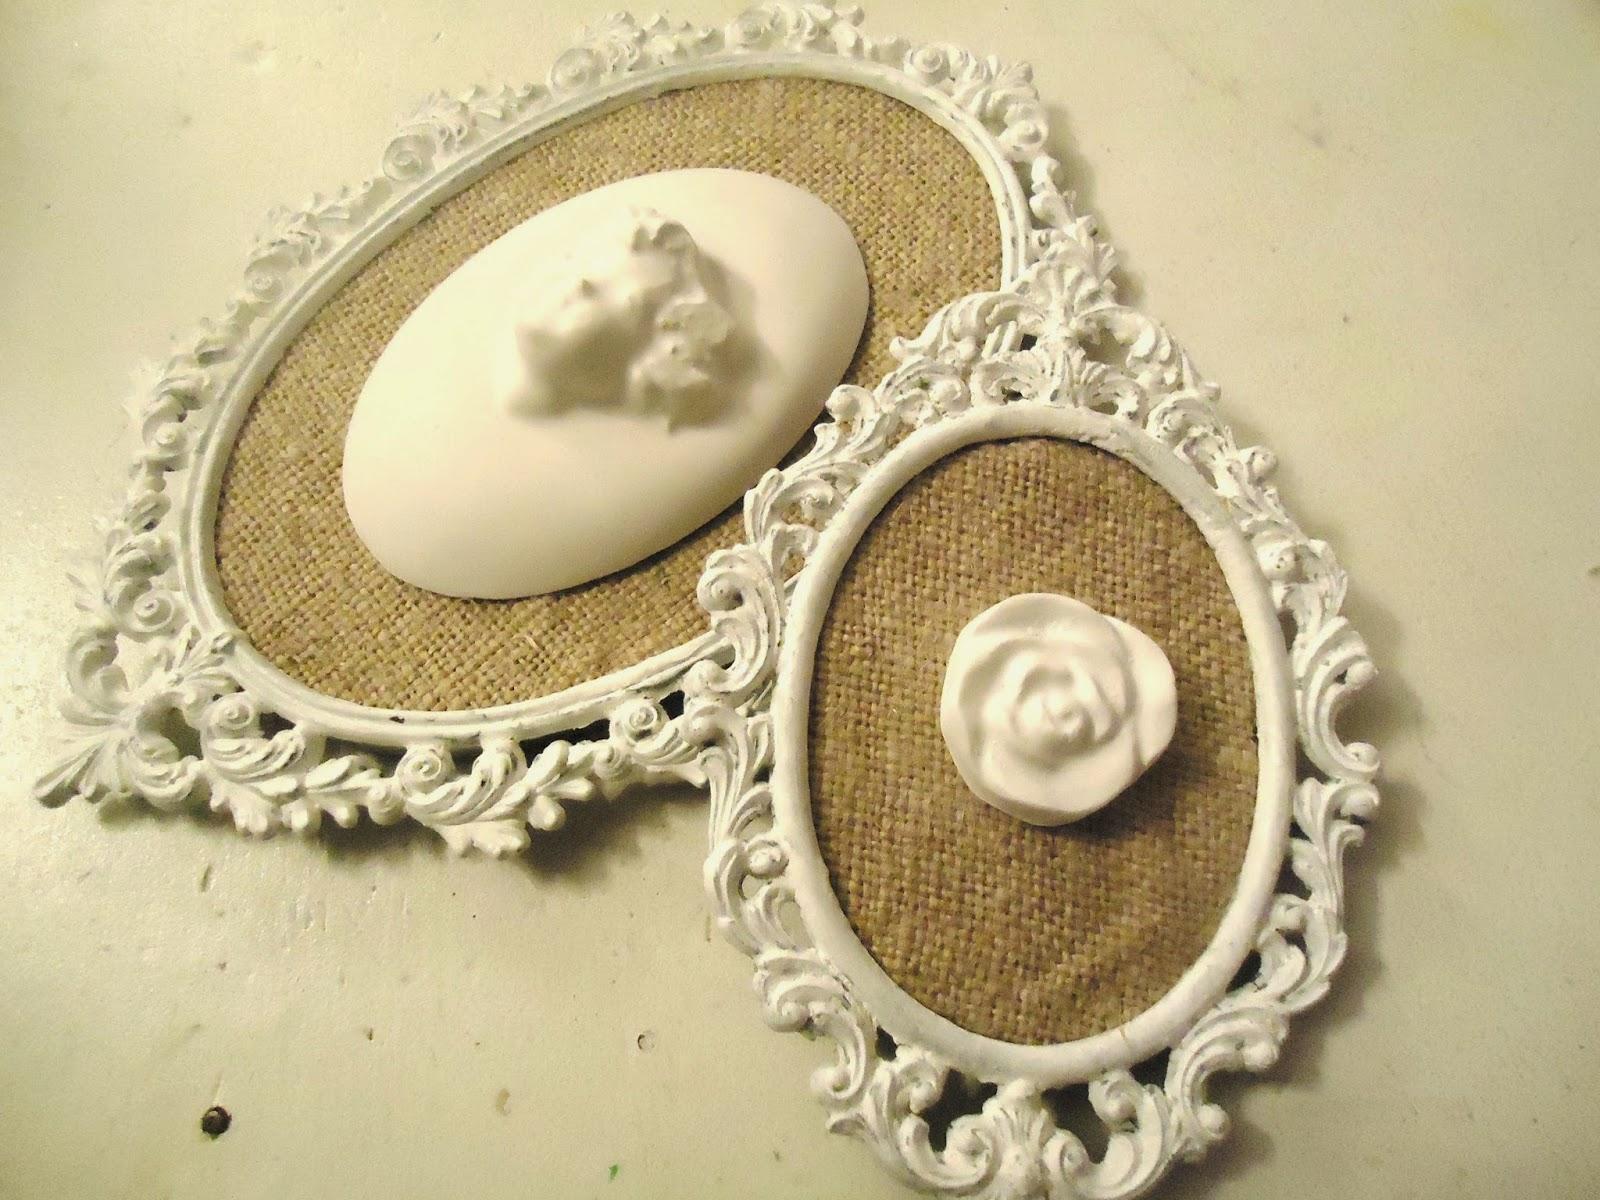 I sogni nel cassetto delle piccole cornici for Cornici piccole bianche